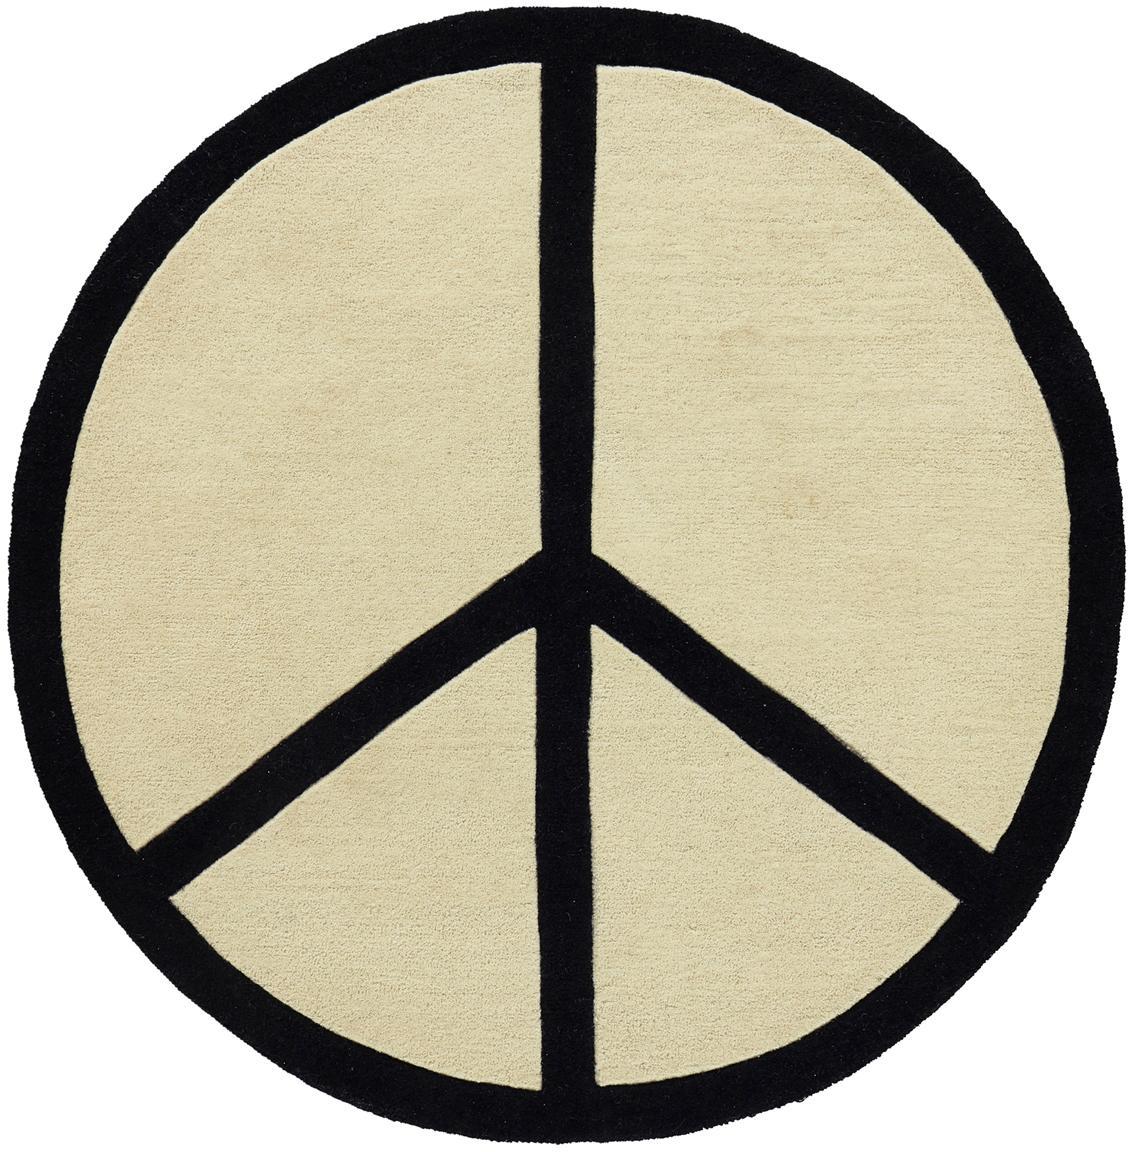 Runder handgetufteter Wollteppich Peace Out, 100% Wolle, Cremeweiß, Schwarz, Ø 120 cm (Größe S)